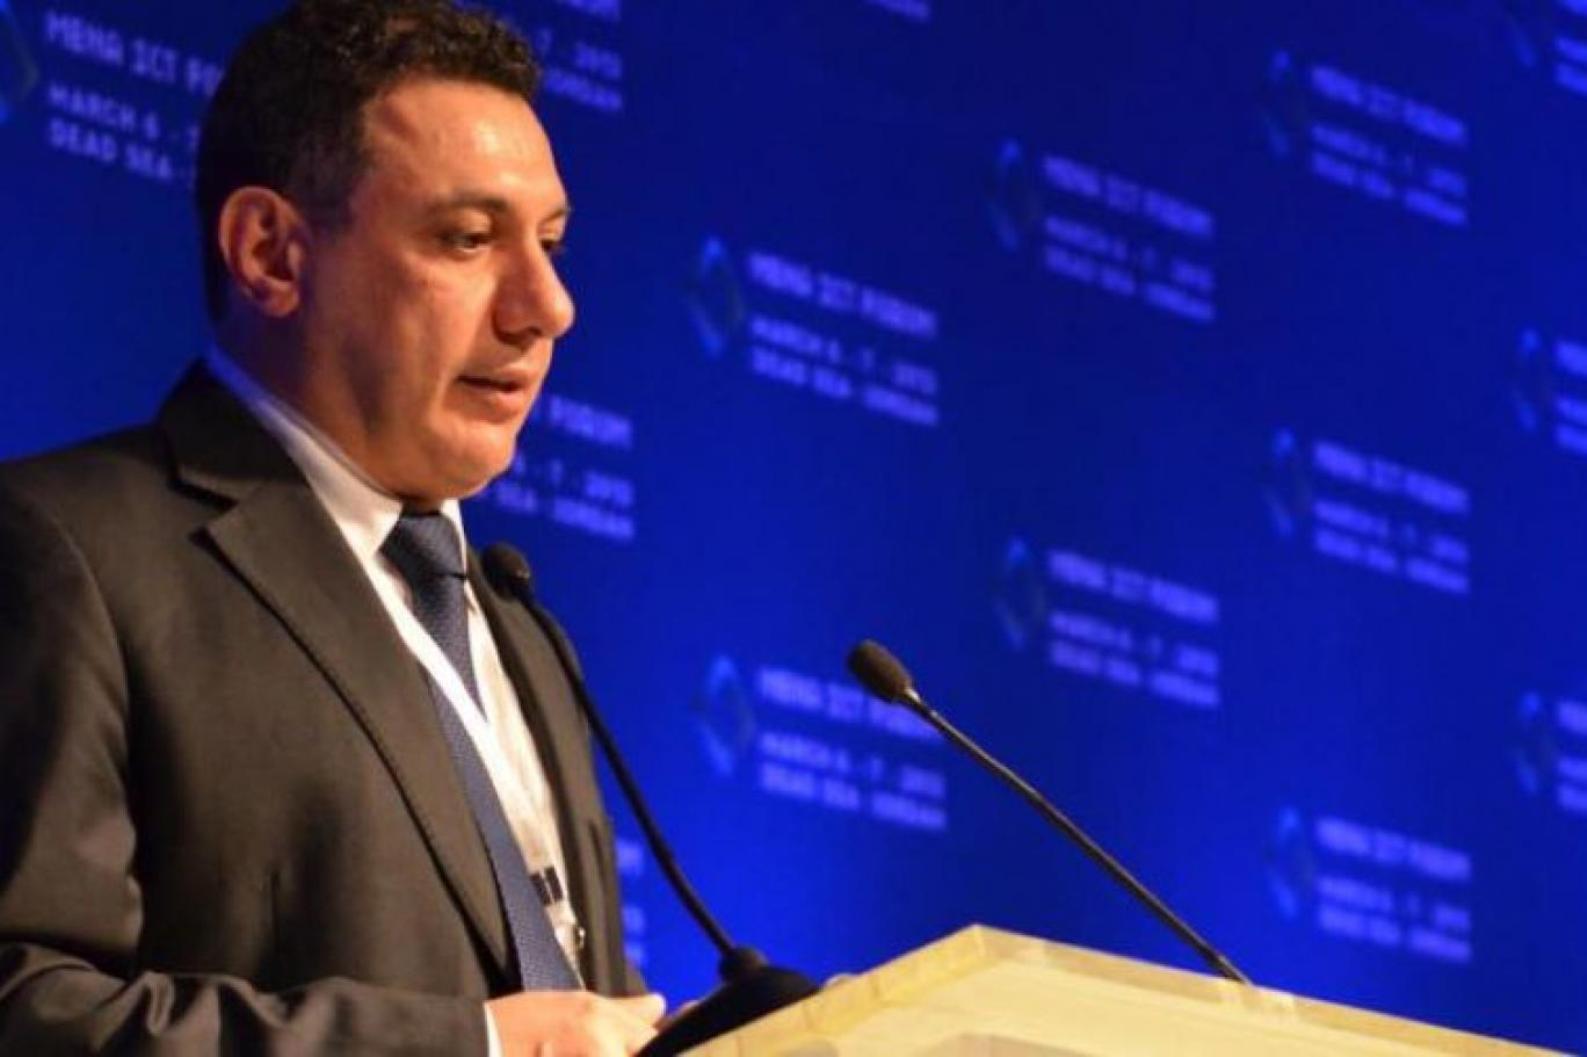 عقب وصوله إلى بيروت.. نزار زكا: لست عميلًا واعتقلت في إيران بتهم باطلة